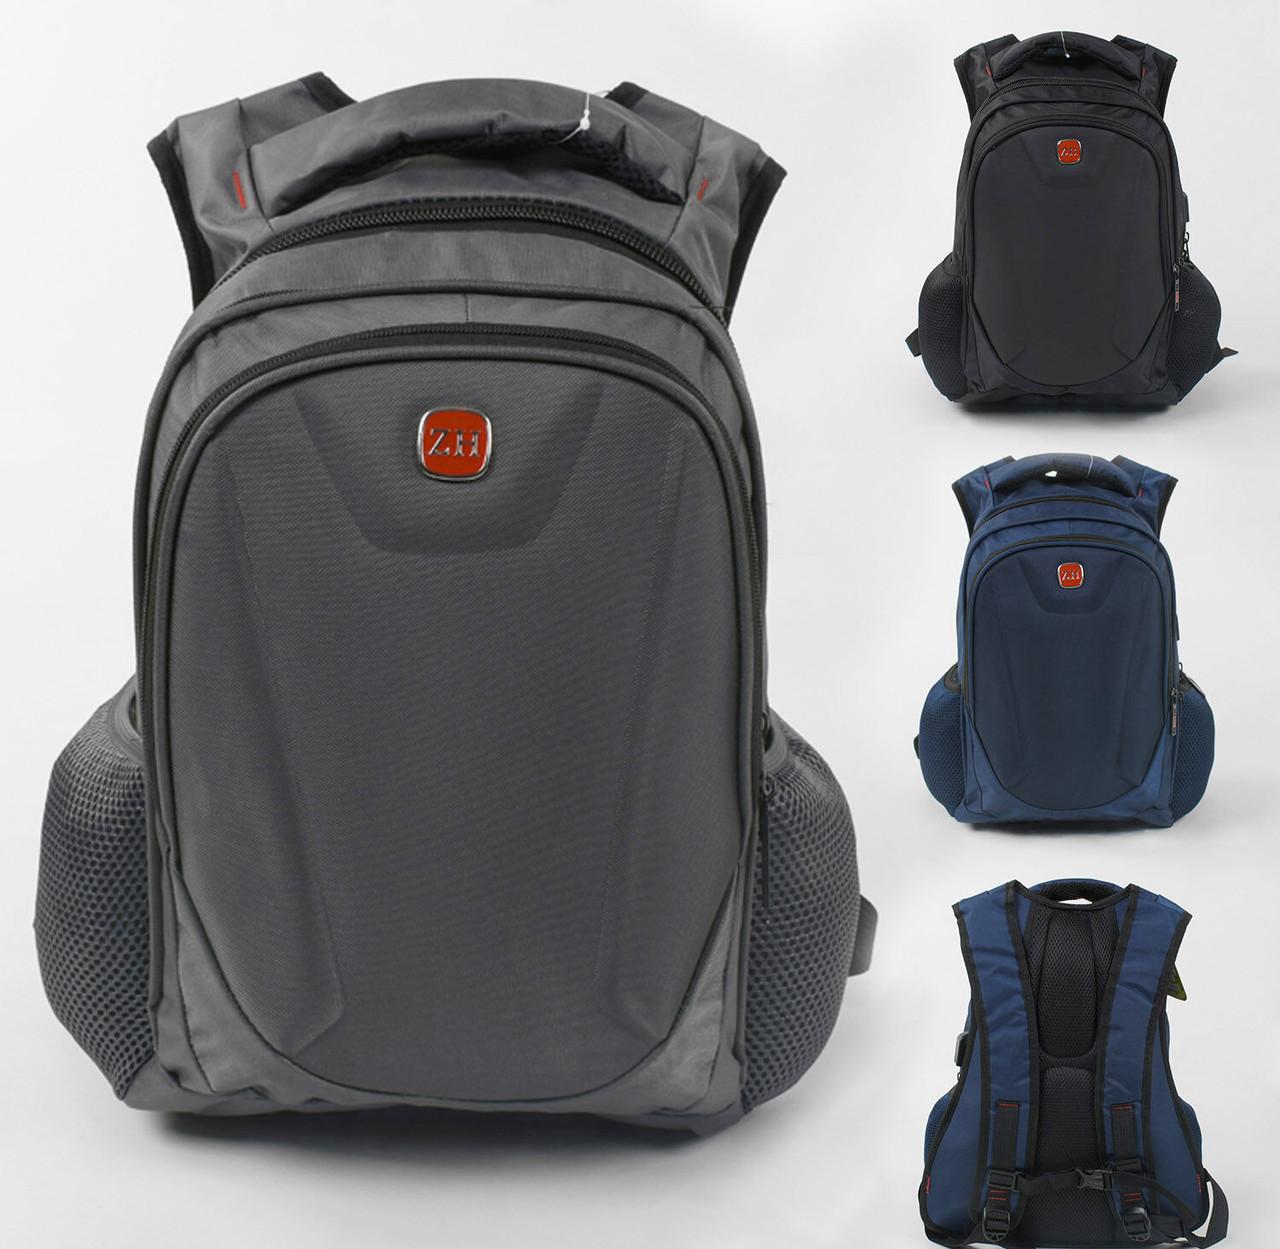 Рюкзак 3 цвета,1 отделение, 2 кармана, защитный бампер, USB кабель, в пакете